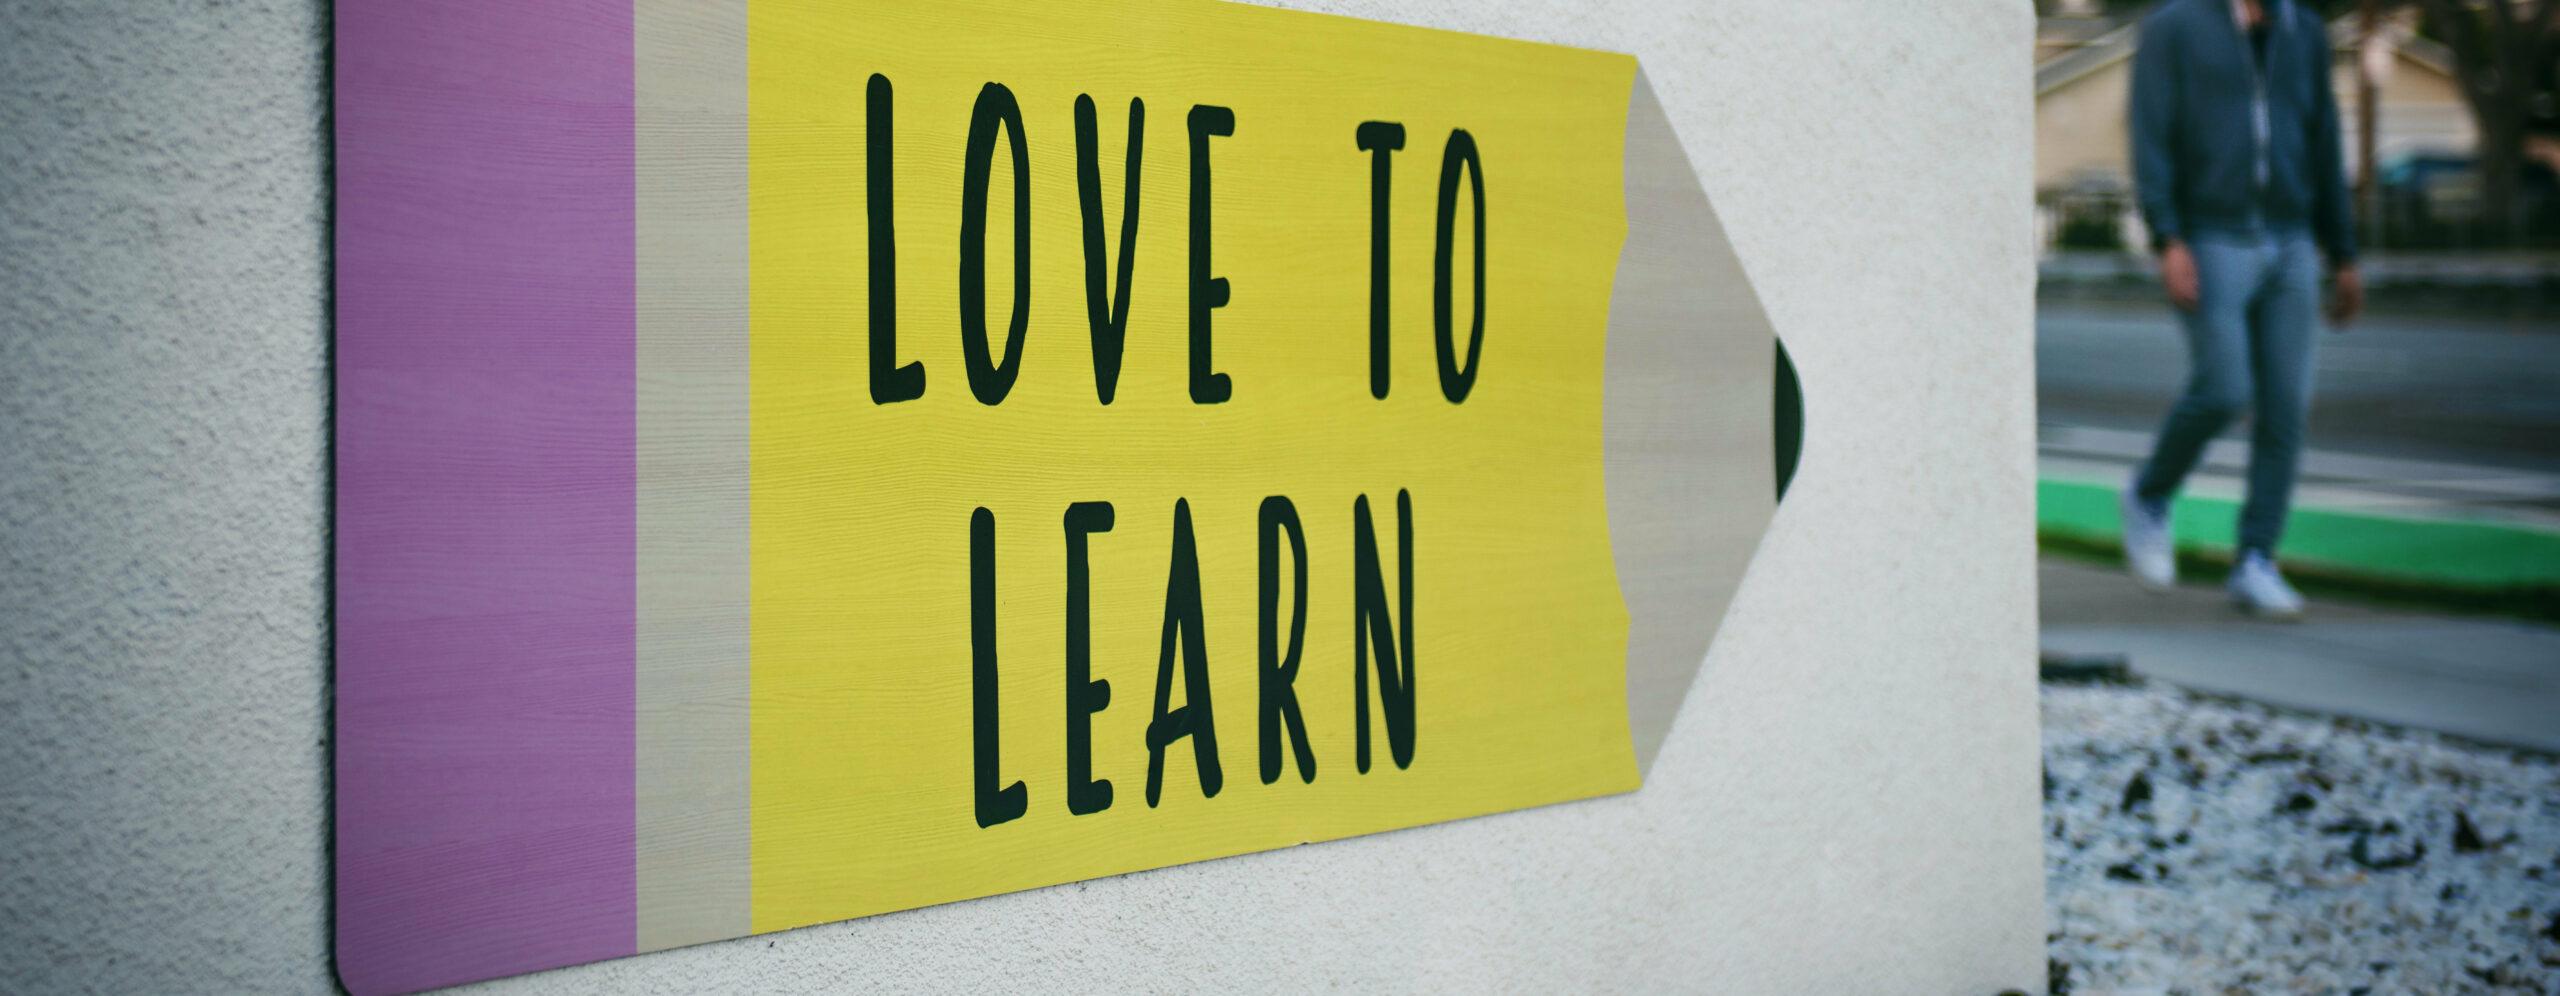 """Schild eines Bleistifts mit der Aufschrift """"Love to learn"""""""